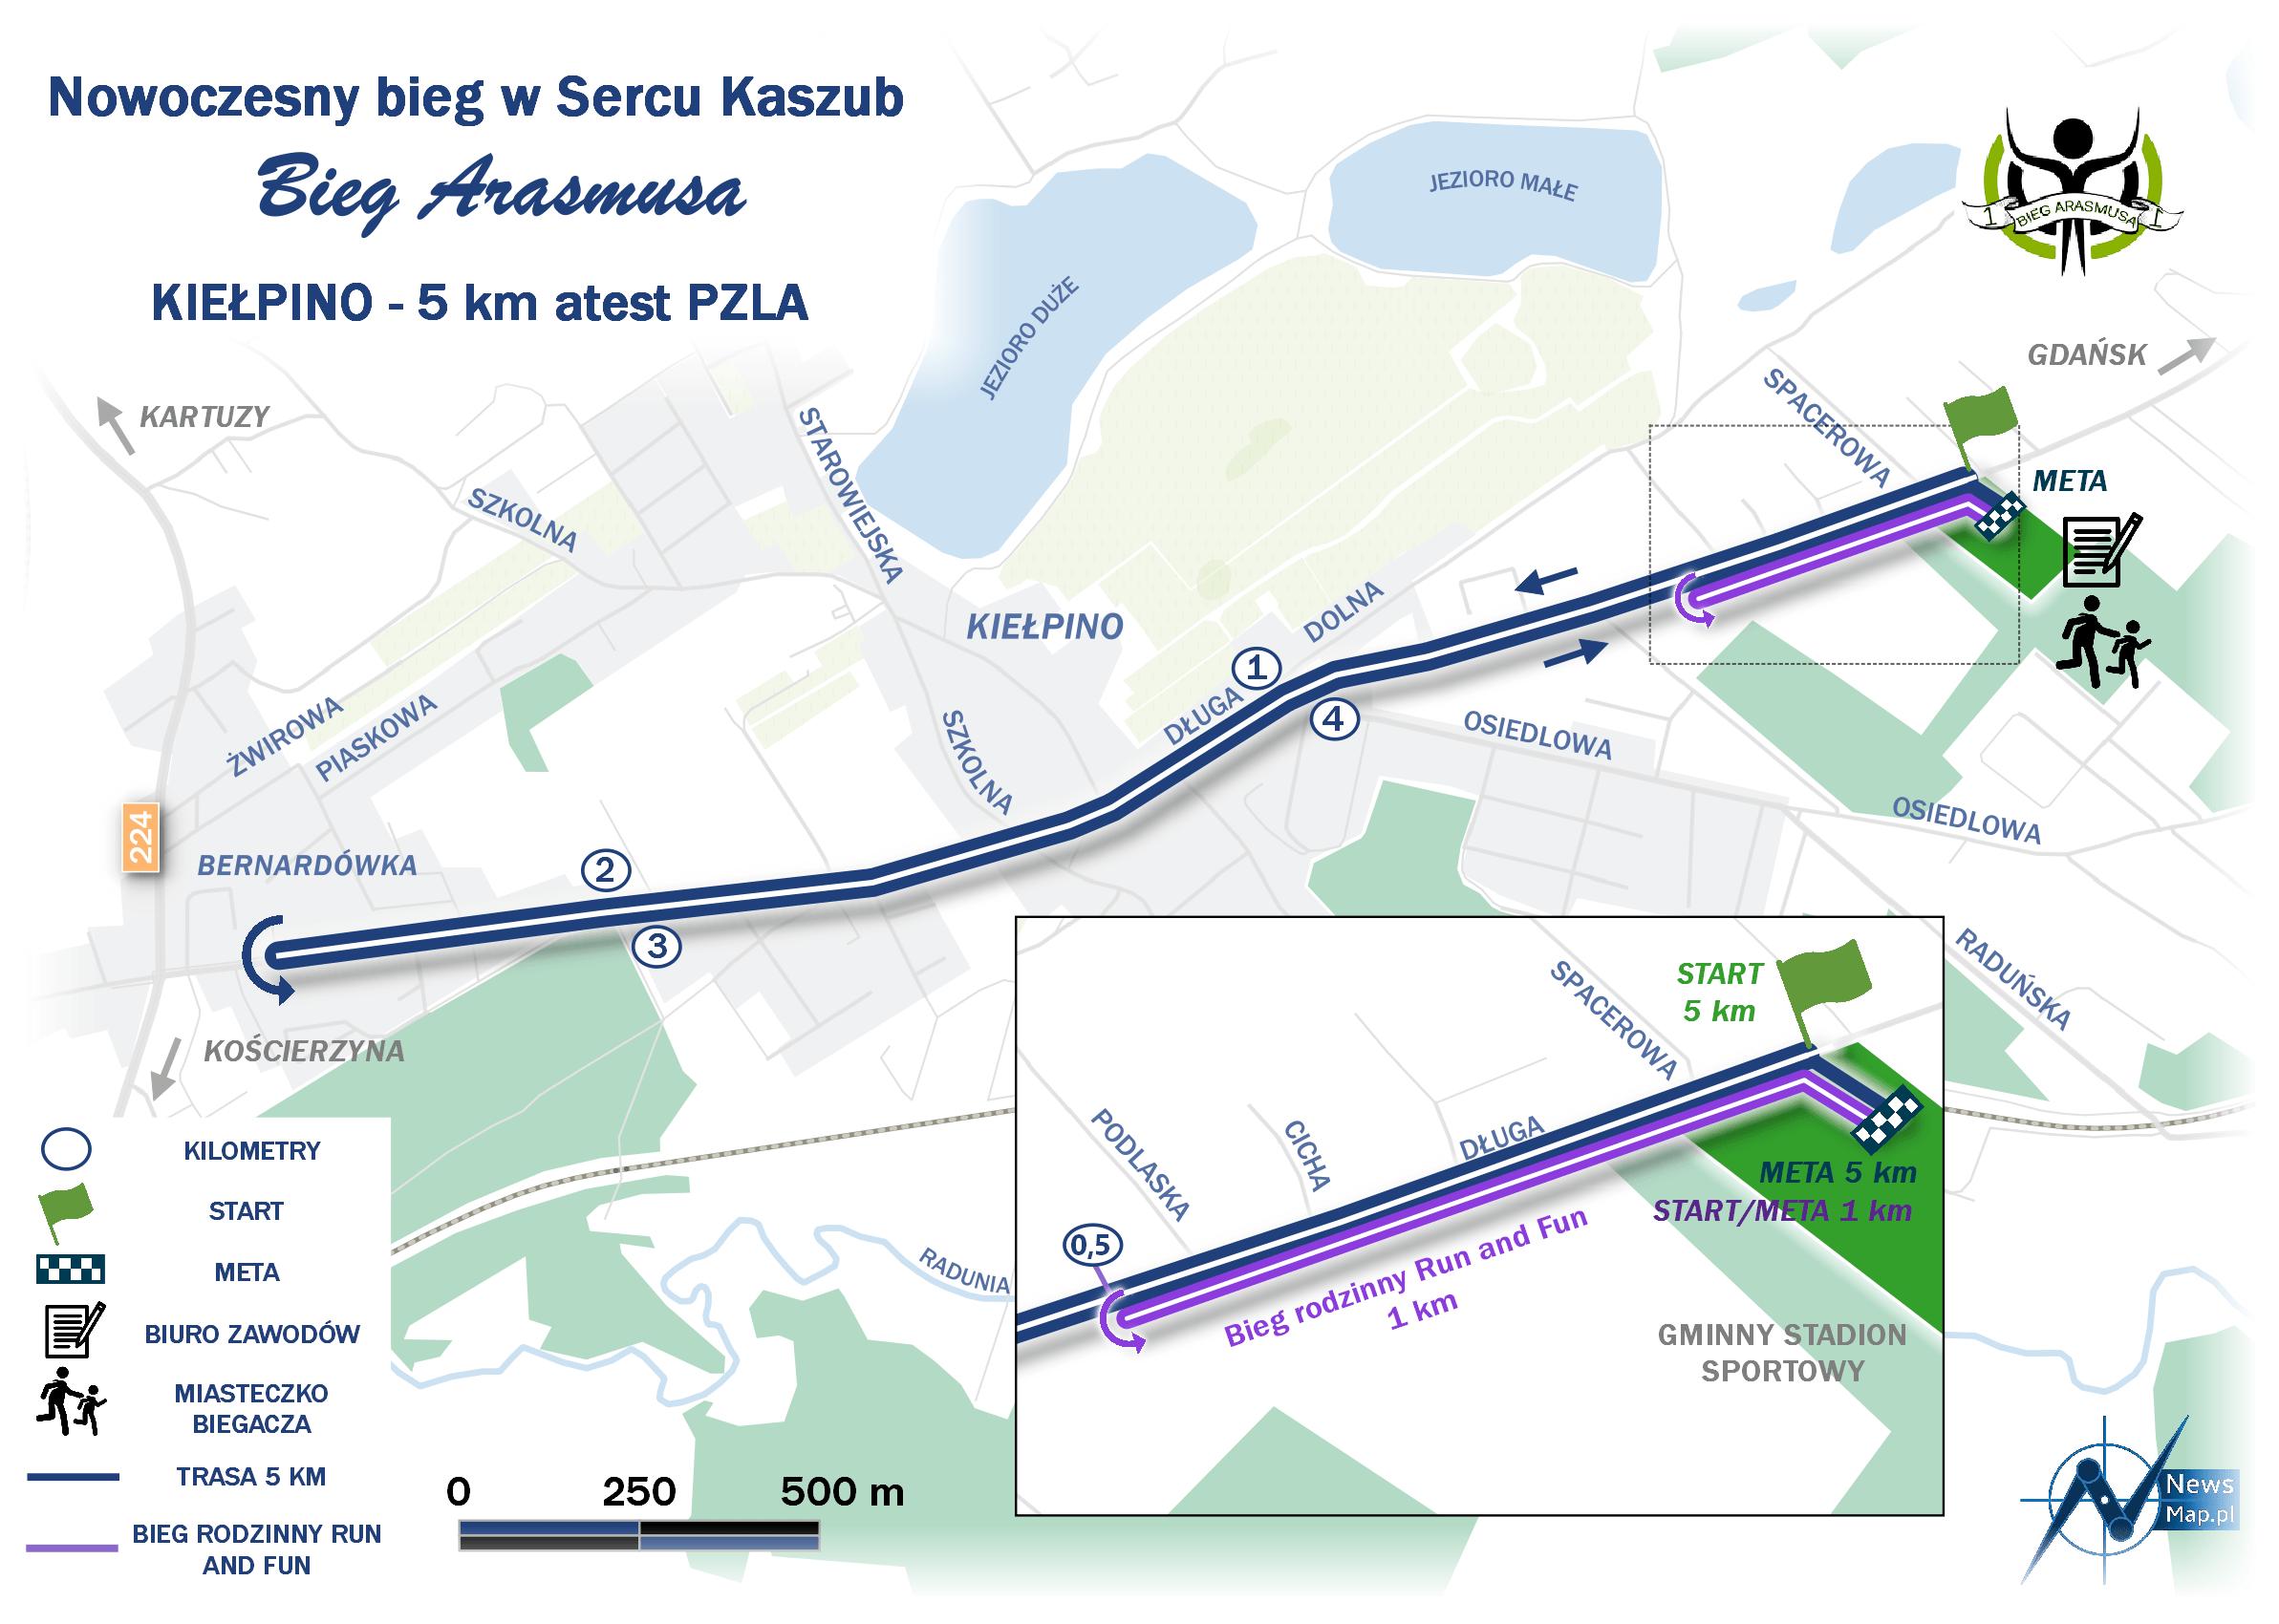 Mapa statyczna III Bieg Arasmusa (on-line) - wersja minimalistyczna